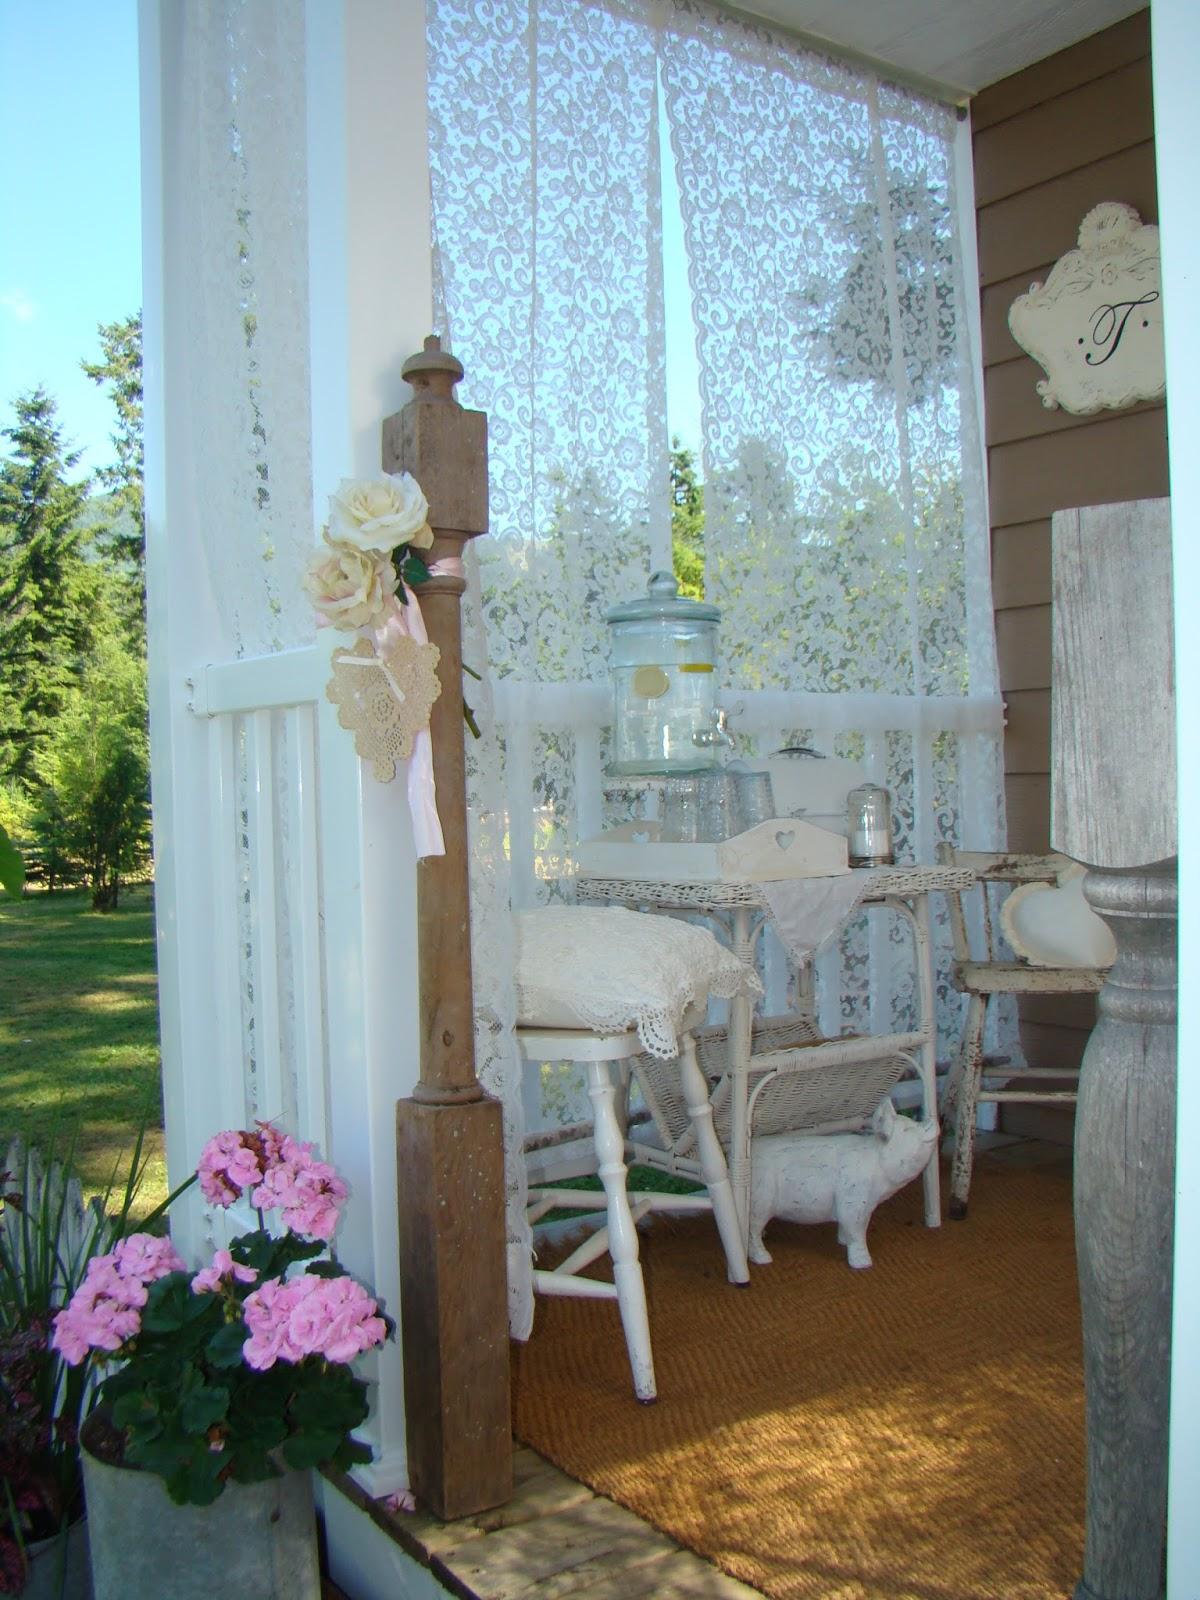 Shabby chic tiny retreat my tiny porch makeover for Shabby chic porch ideas